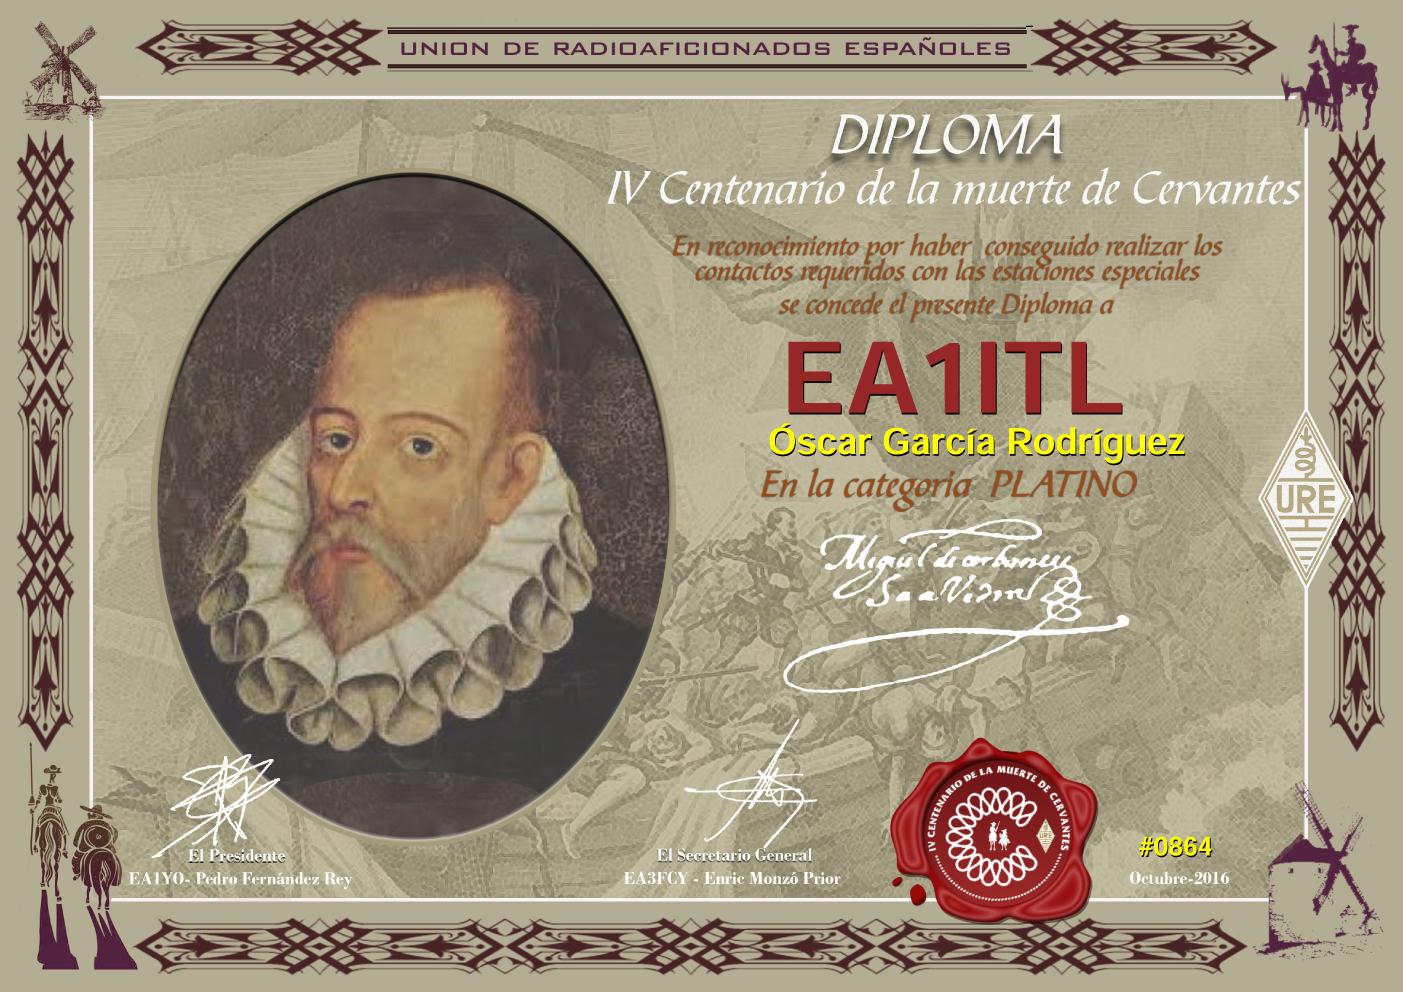 IV Centenario de la muerte de Miguel de Cervantes. Diploma de Platino 2016